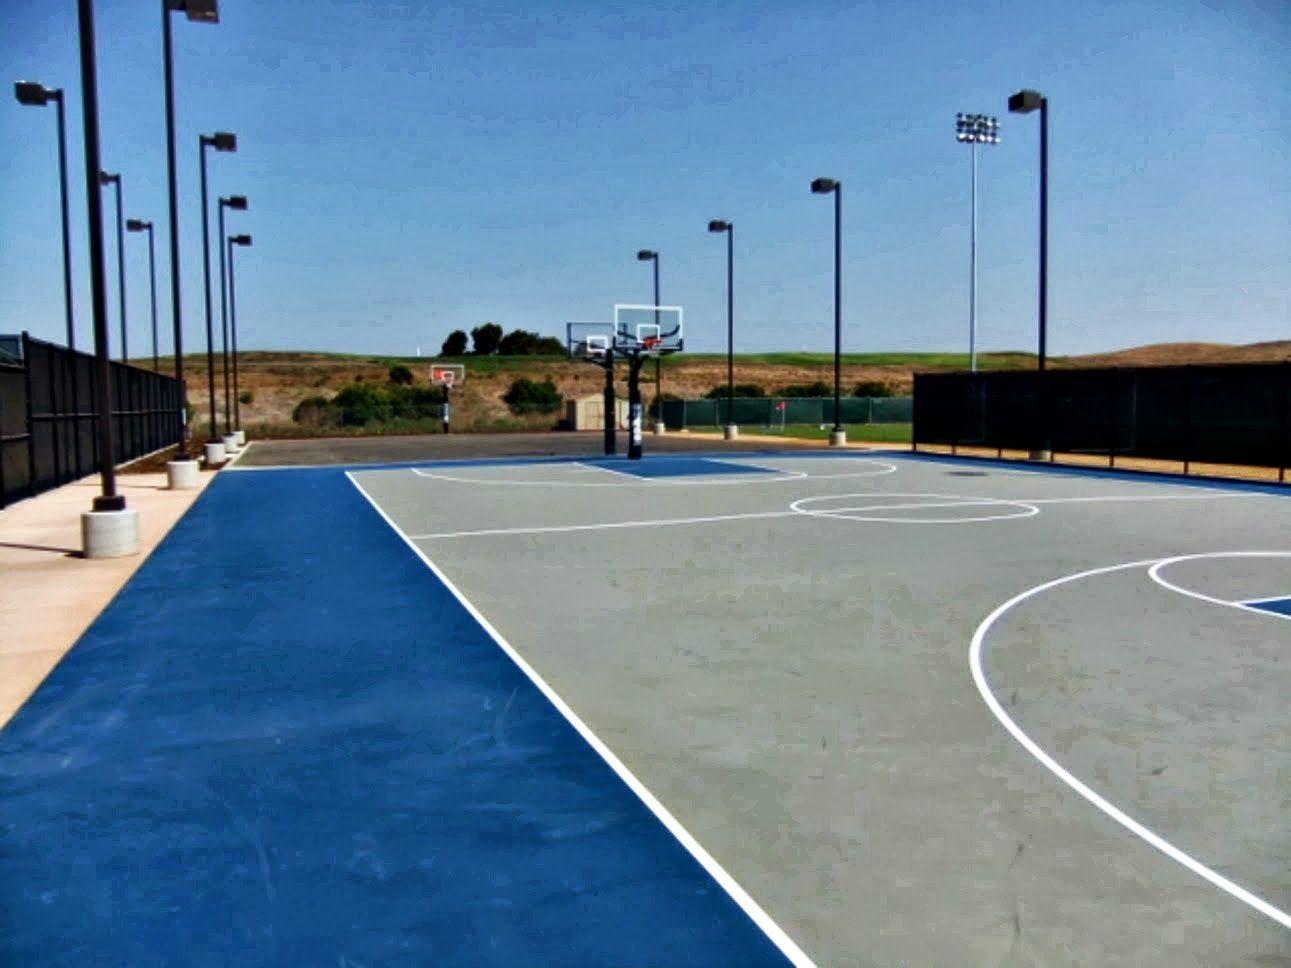 Tijd voor ontspanning? Ga even basketballen op het Googleplex!